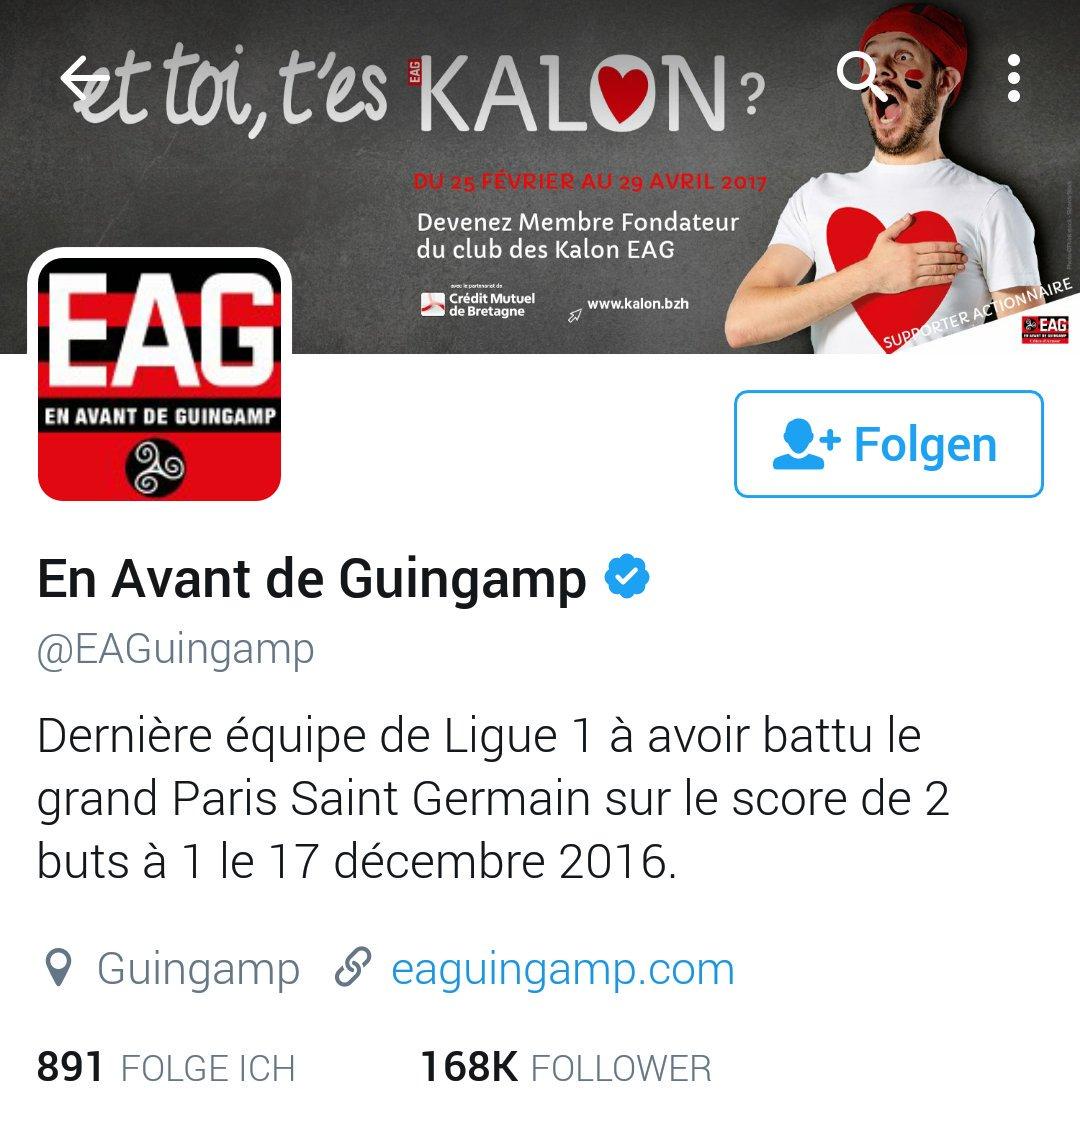 #insolite Quand l&#39;@EAGuingamp trolle le @PSG_inside et le reste des équipes de @Ligue1 sur #Twitter... Ça donne ça <br>http://pic.twitter.com/Vadg69tlwu